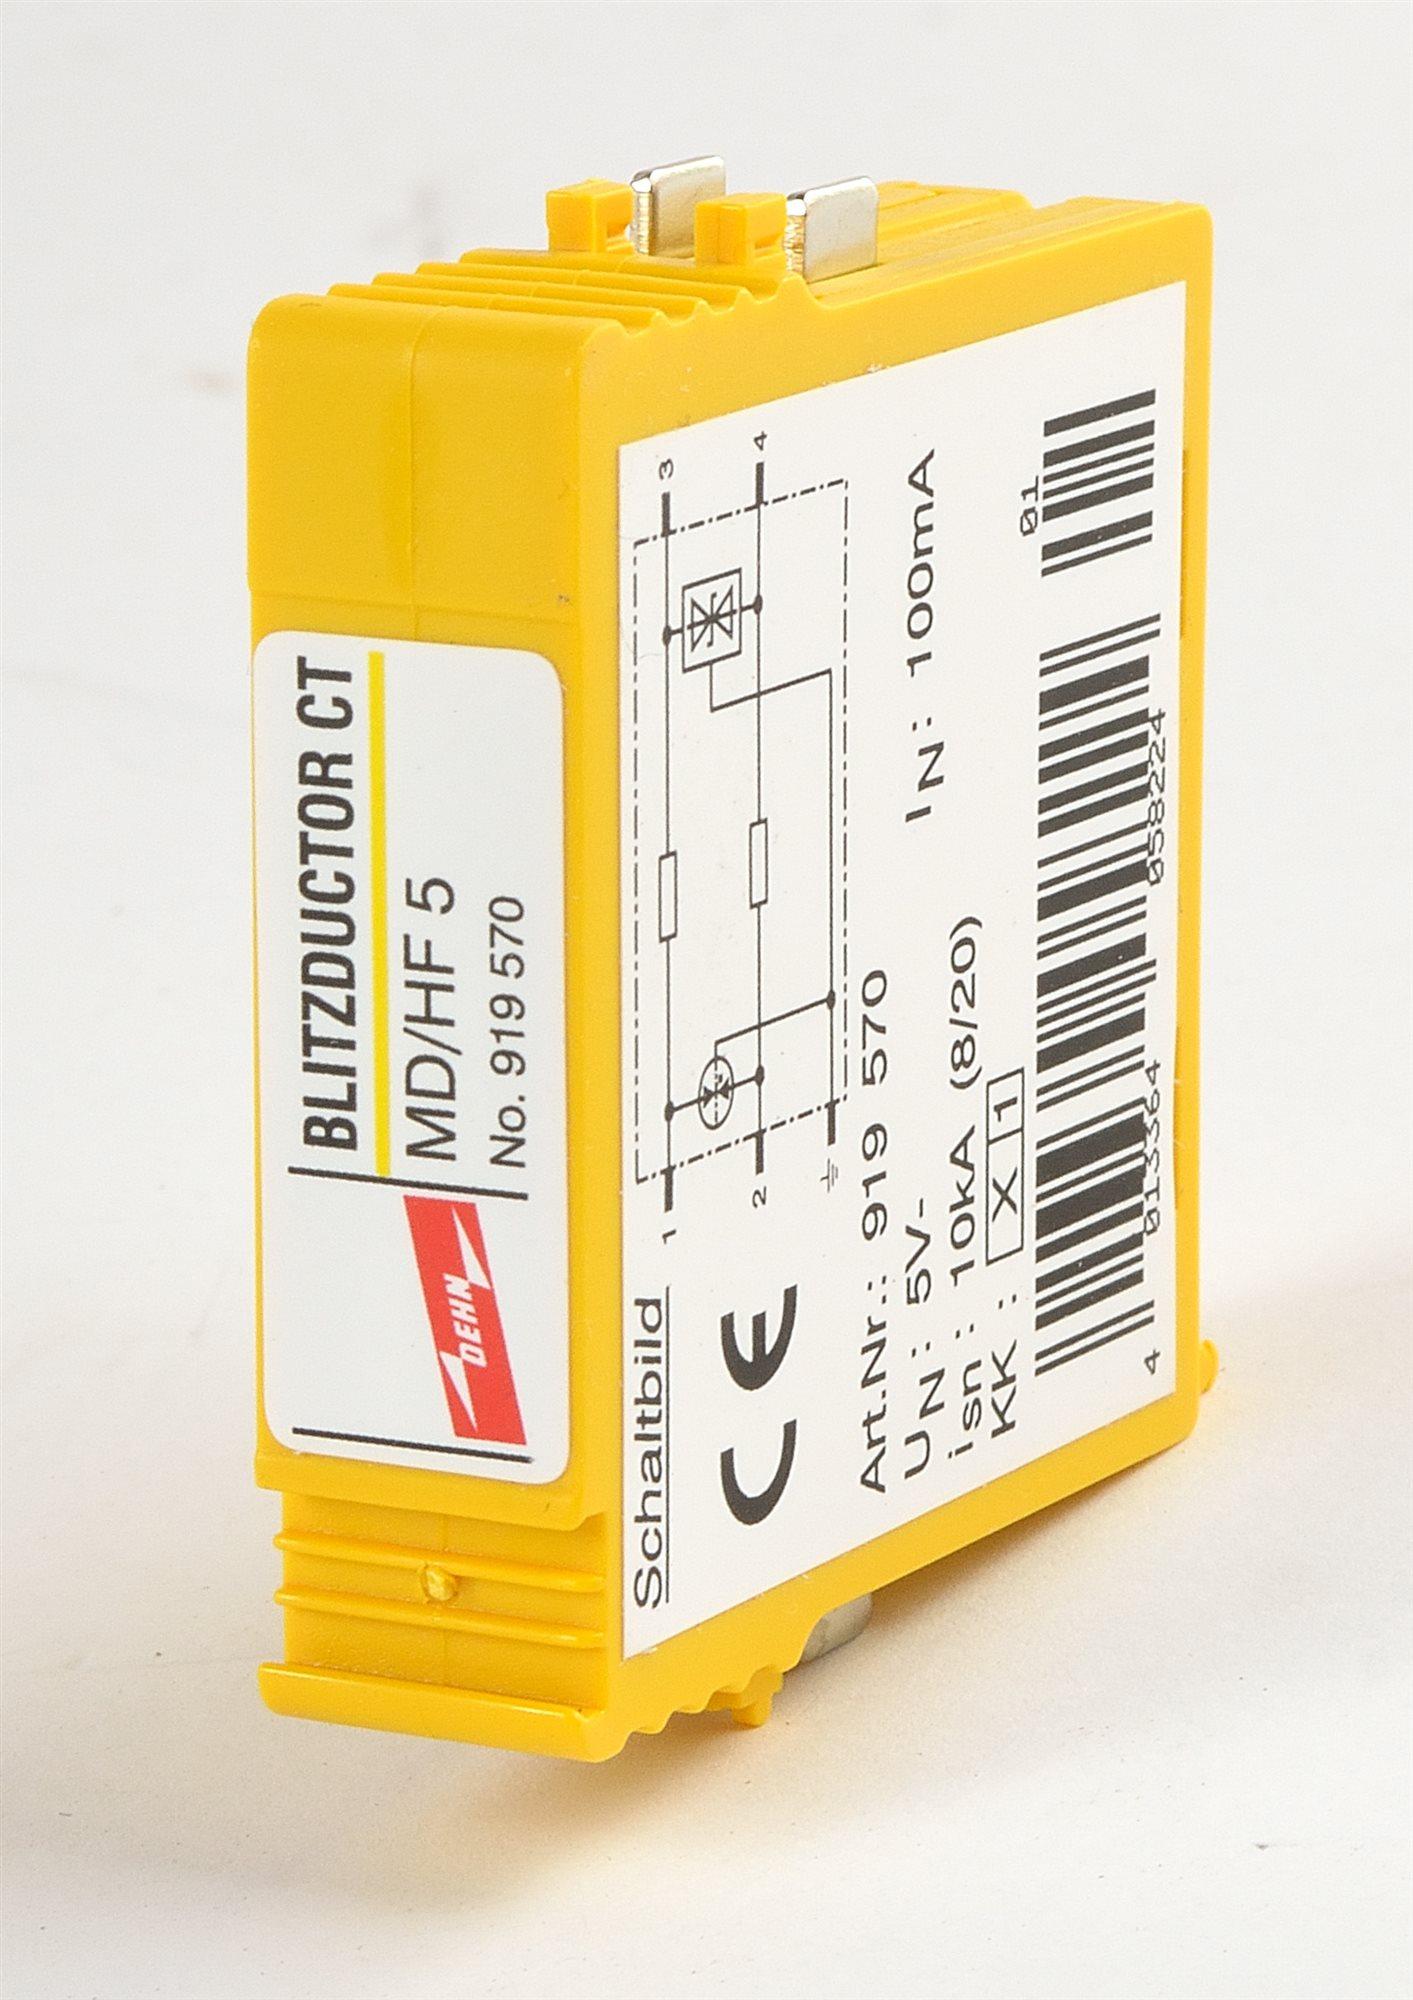 DEHN BLITZDUCTOR CT BCT MOD MD HF 5 ÜS Ableiter Dehn 919570-10490